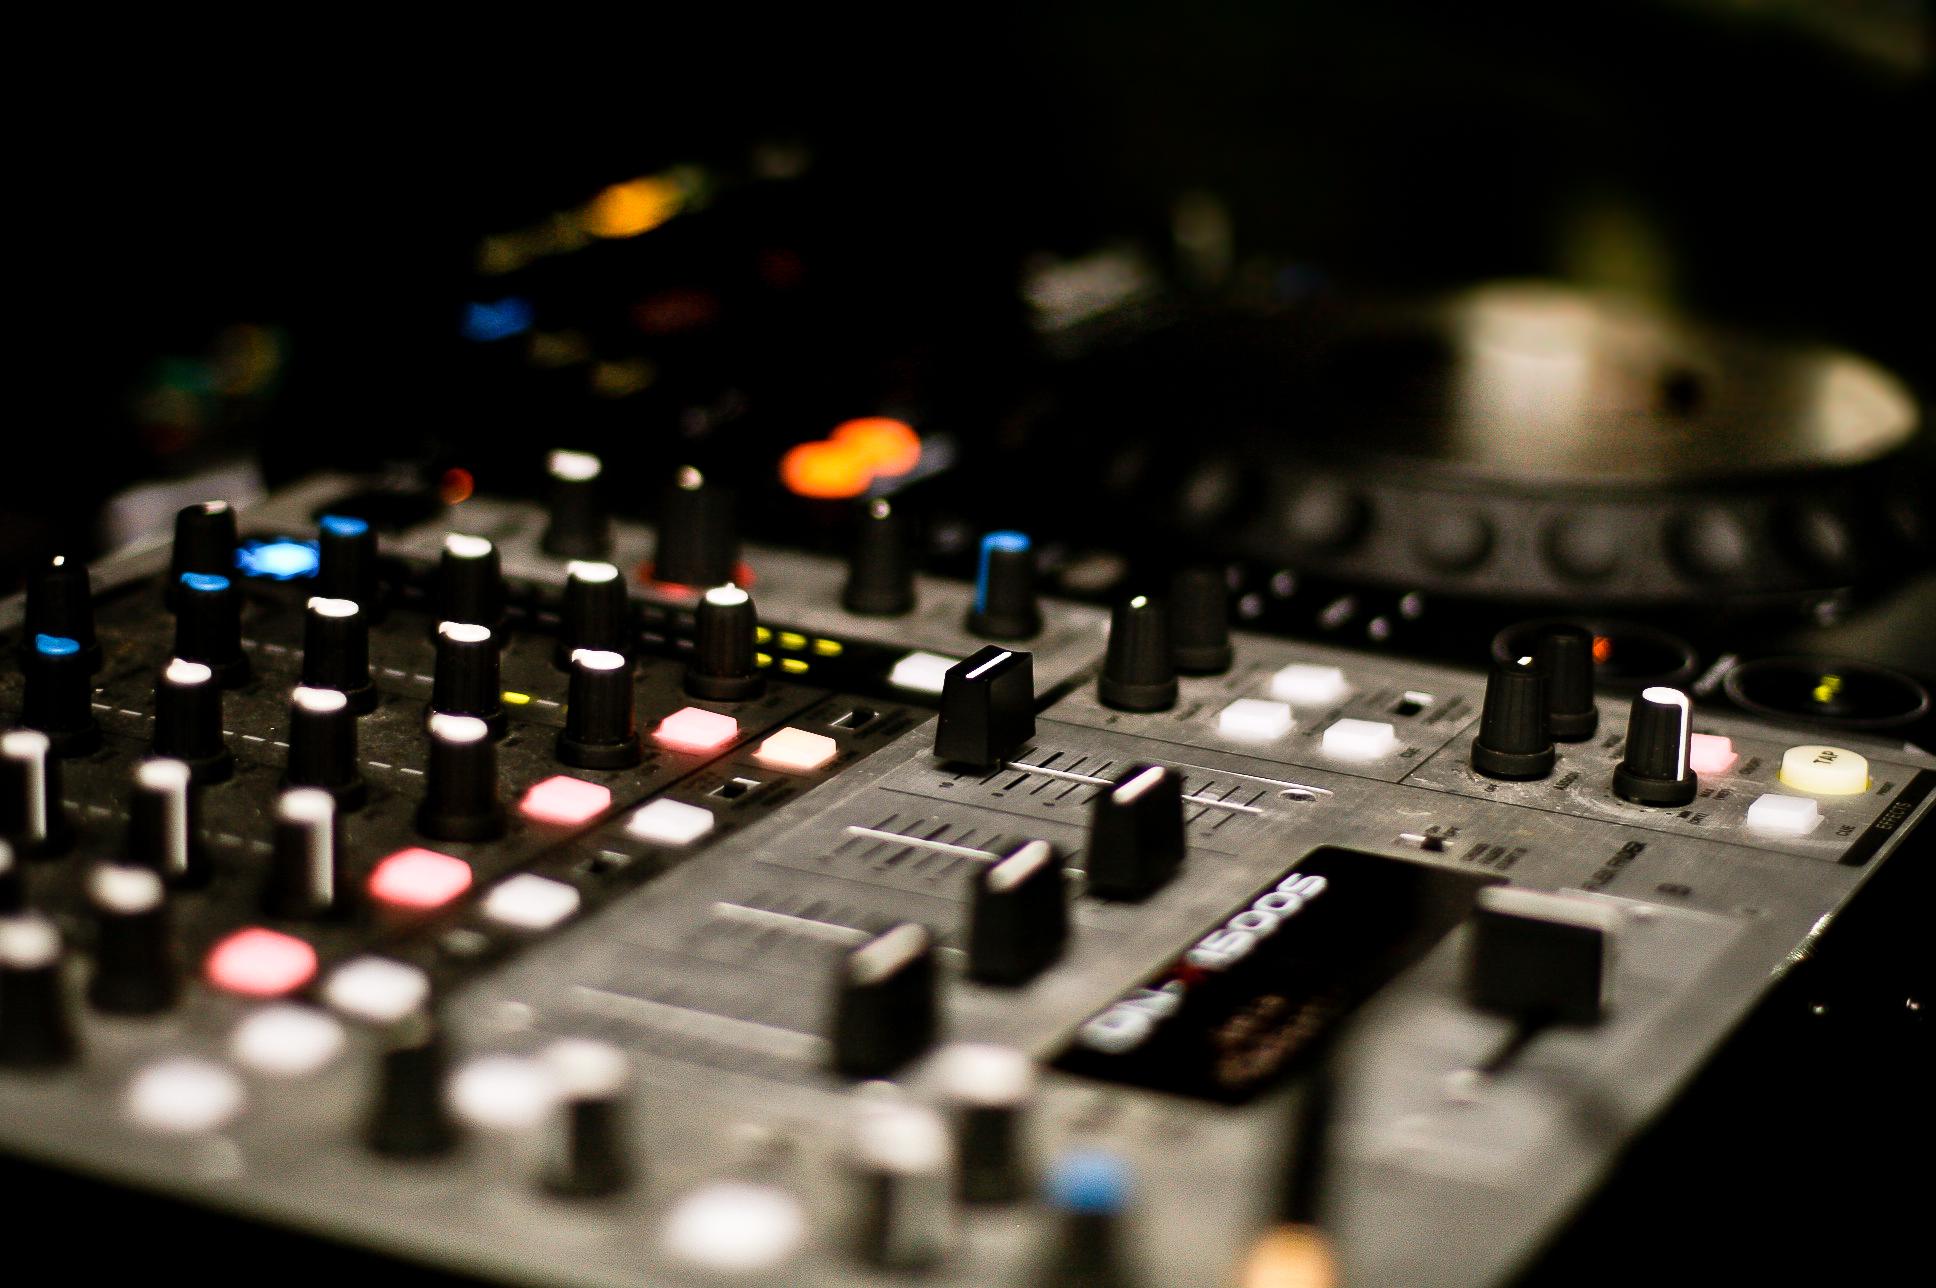 dj-mix-picjumbo-com.jpg